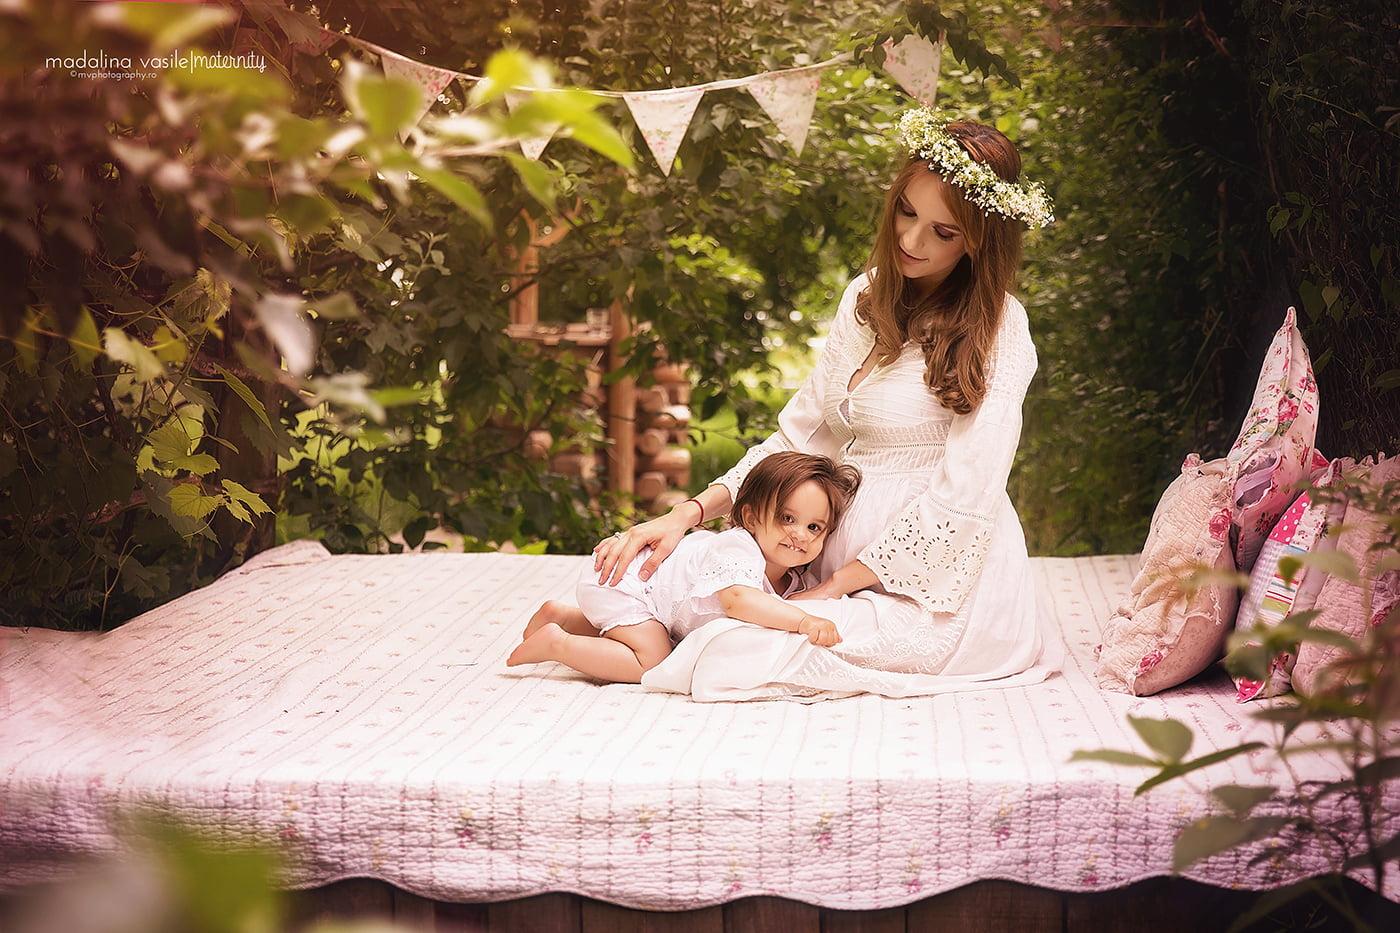 Sedinta foto Maternitate Madalina Vasile